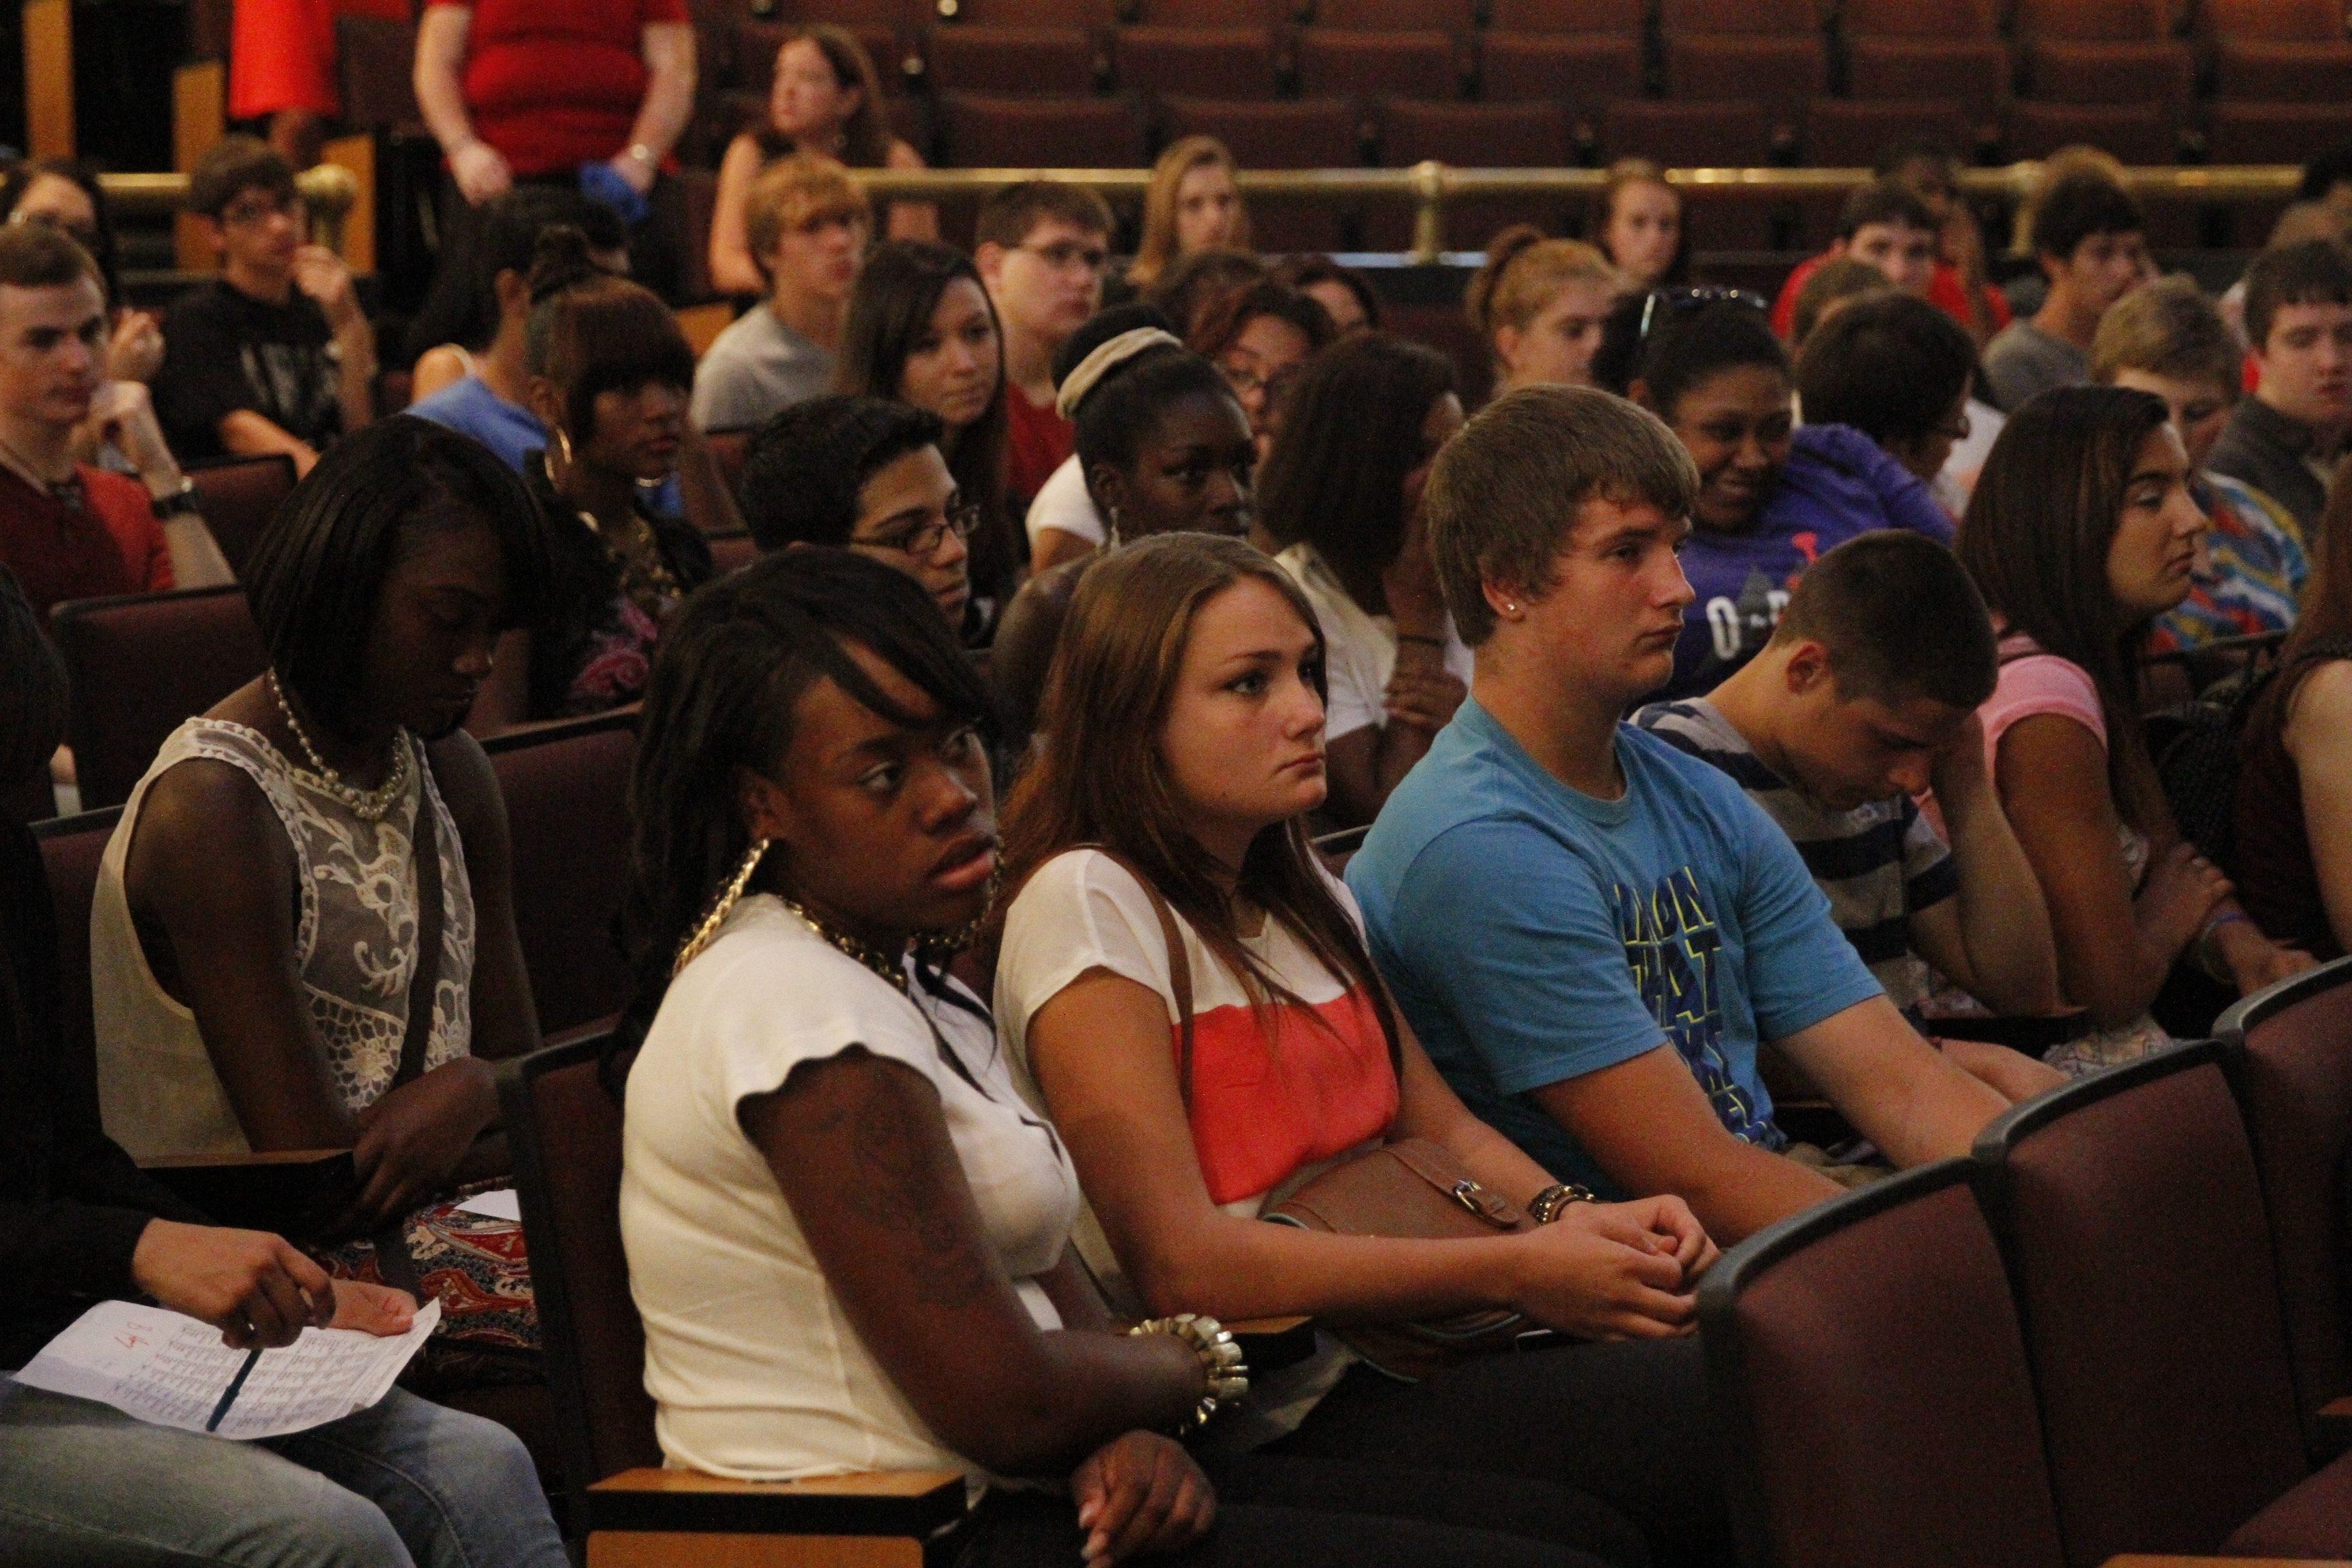 South Park High school seniors in an assembly on the 100th anniversary of  South Park High School  in Buffalo, NY on Thursday, Sept. 4, 2014. (John Hickey/Buffalo News)